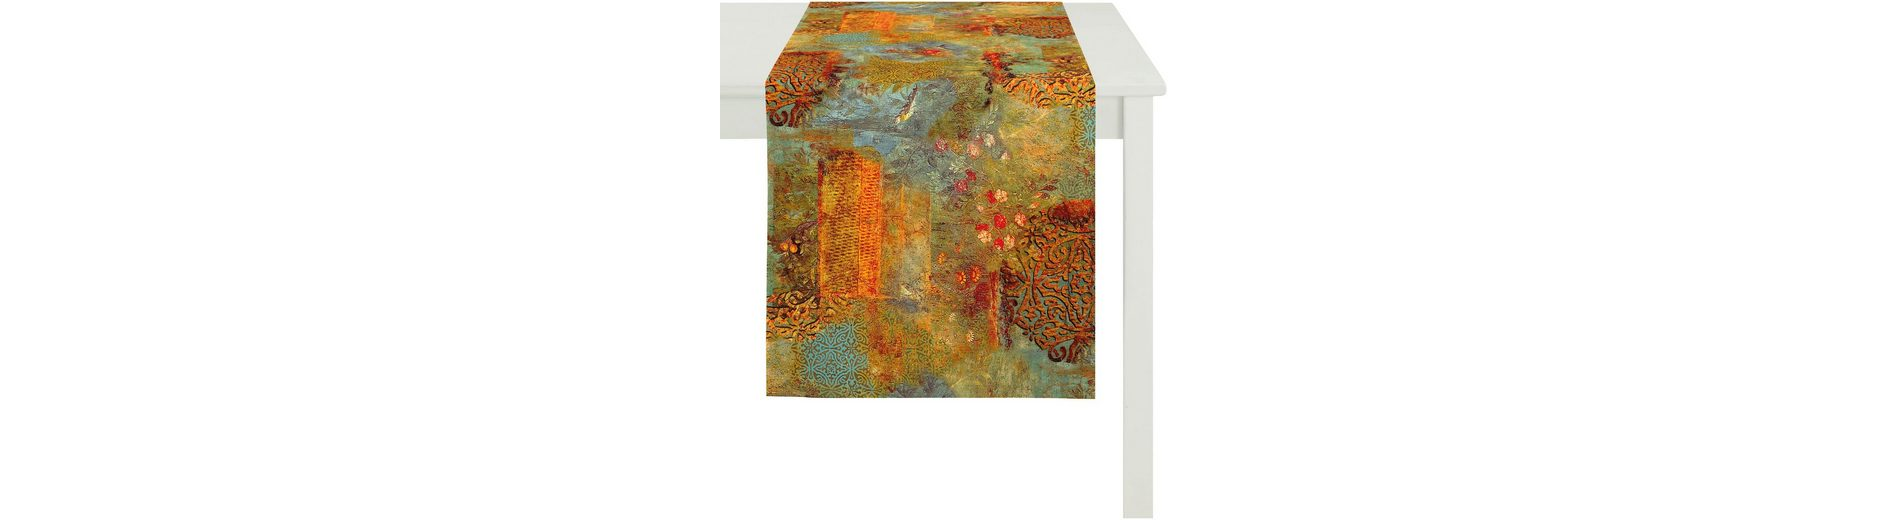 Tischläufer, Apelt, »3044«, Baumwolldruck